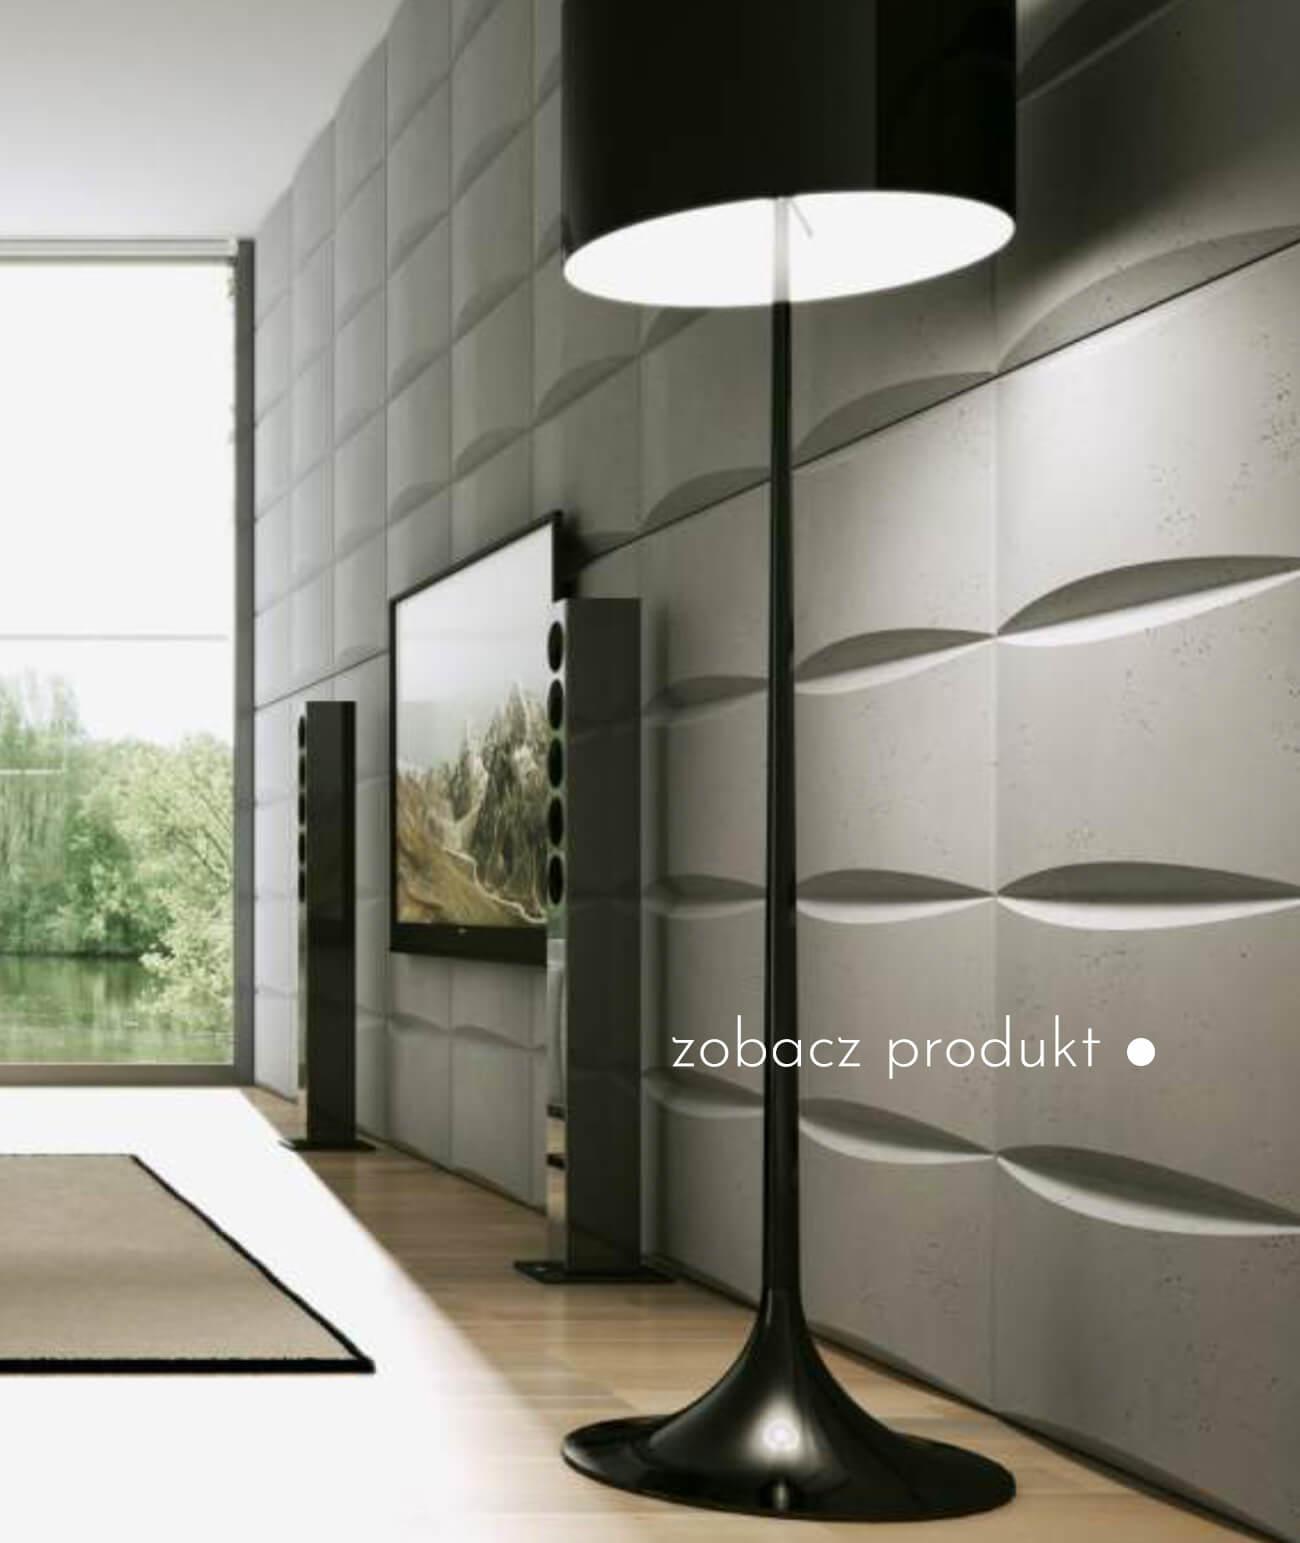 panele-betonowe-3d-scienne-i-elewacyjne-beton-architektoniczny_806-19402-pb20-s51-ciemno-szary-mysi-blok---panel-dekor-3d-beton-architektoniczny-panel-scienny